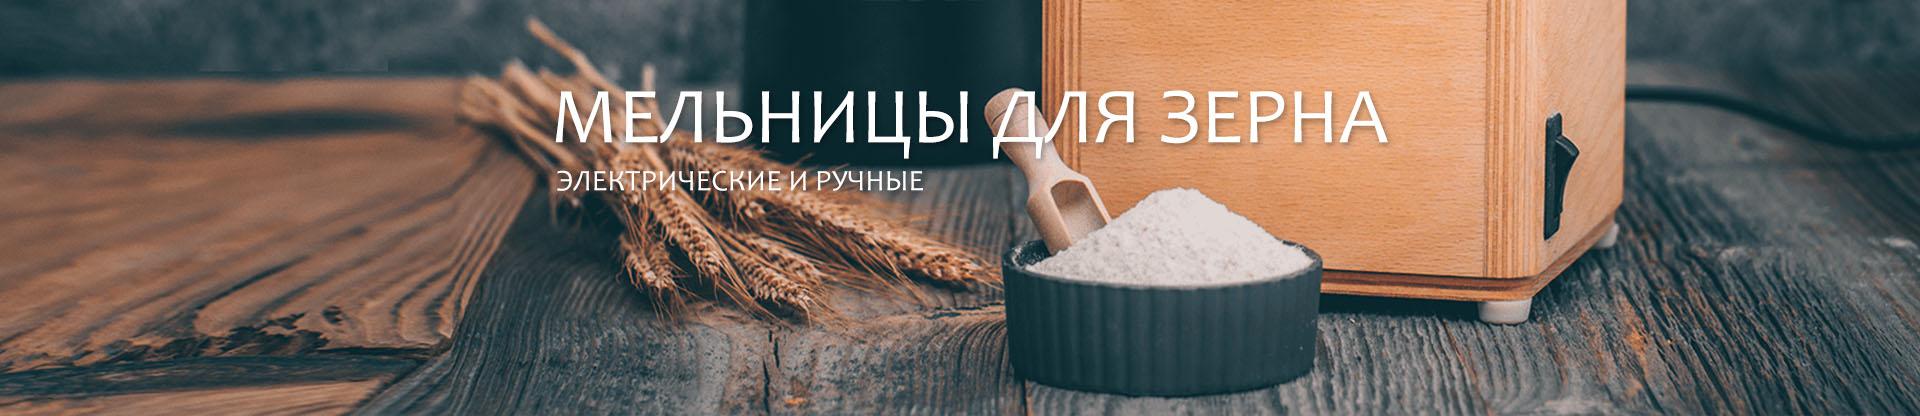 Мельницы для зерна ручные и электрические